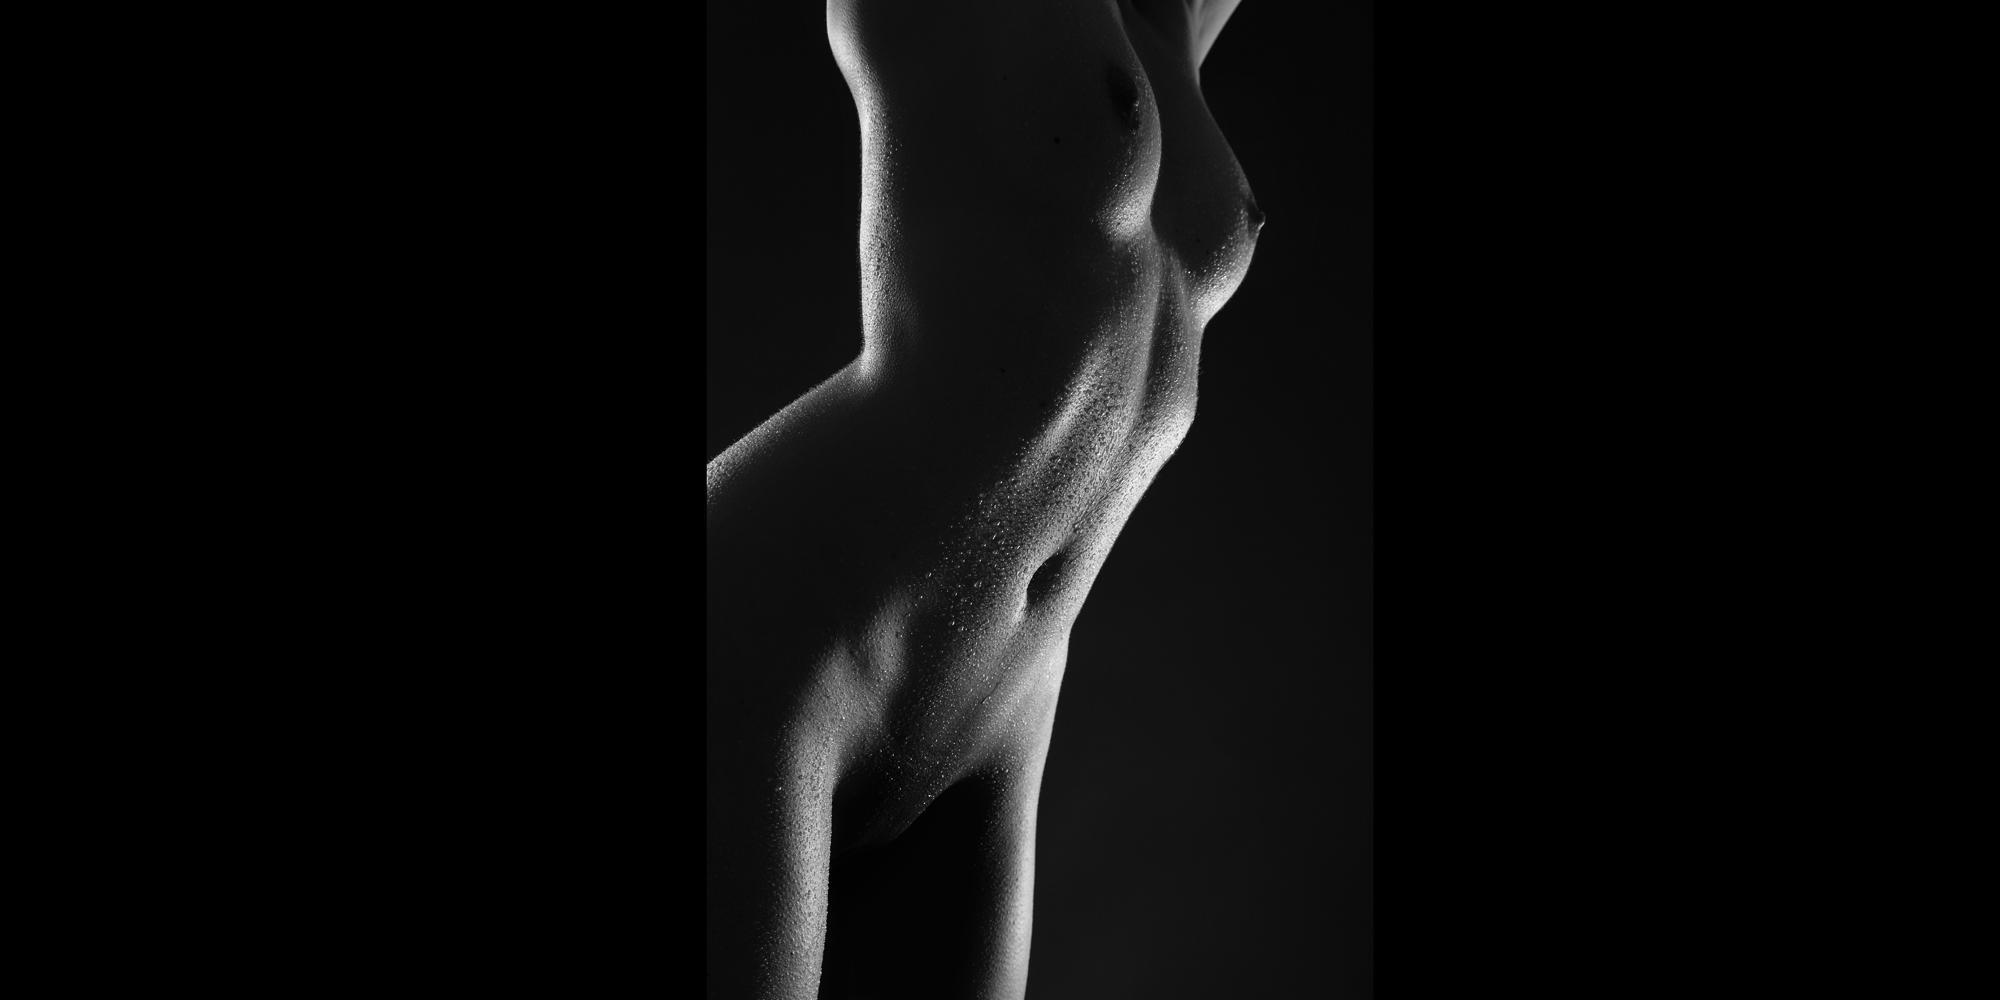 Seitlicher Bildausschnitt, ästhetische Aktfotografie in schwarz-weiß von Brust, Bauch und Genitalien einer schlanken Frau mit perlenden Wassertropfen auf der Haut.